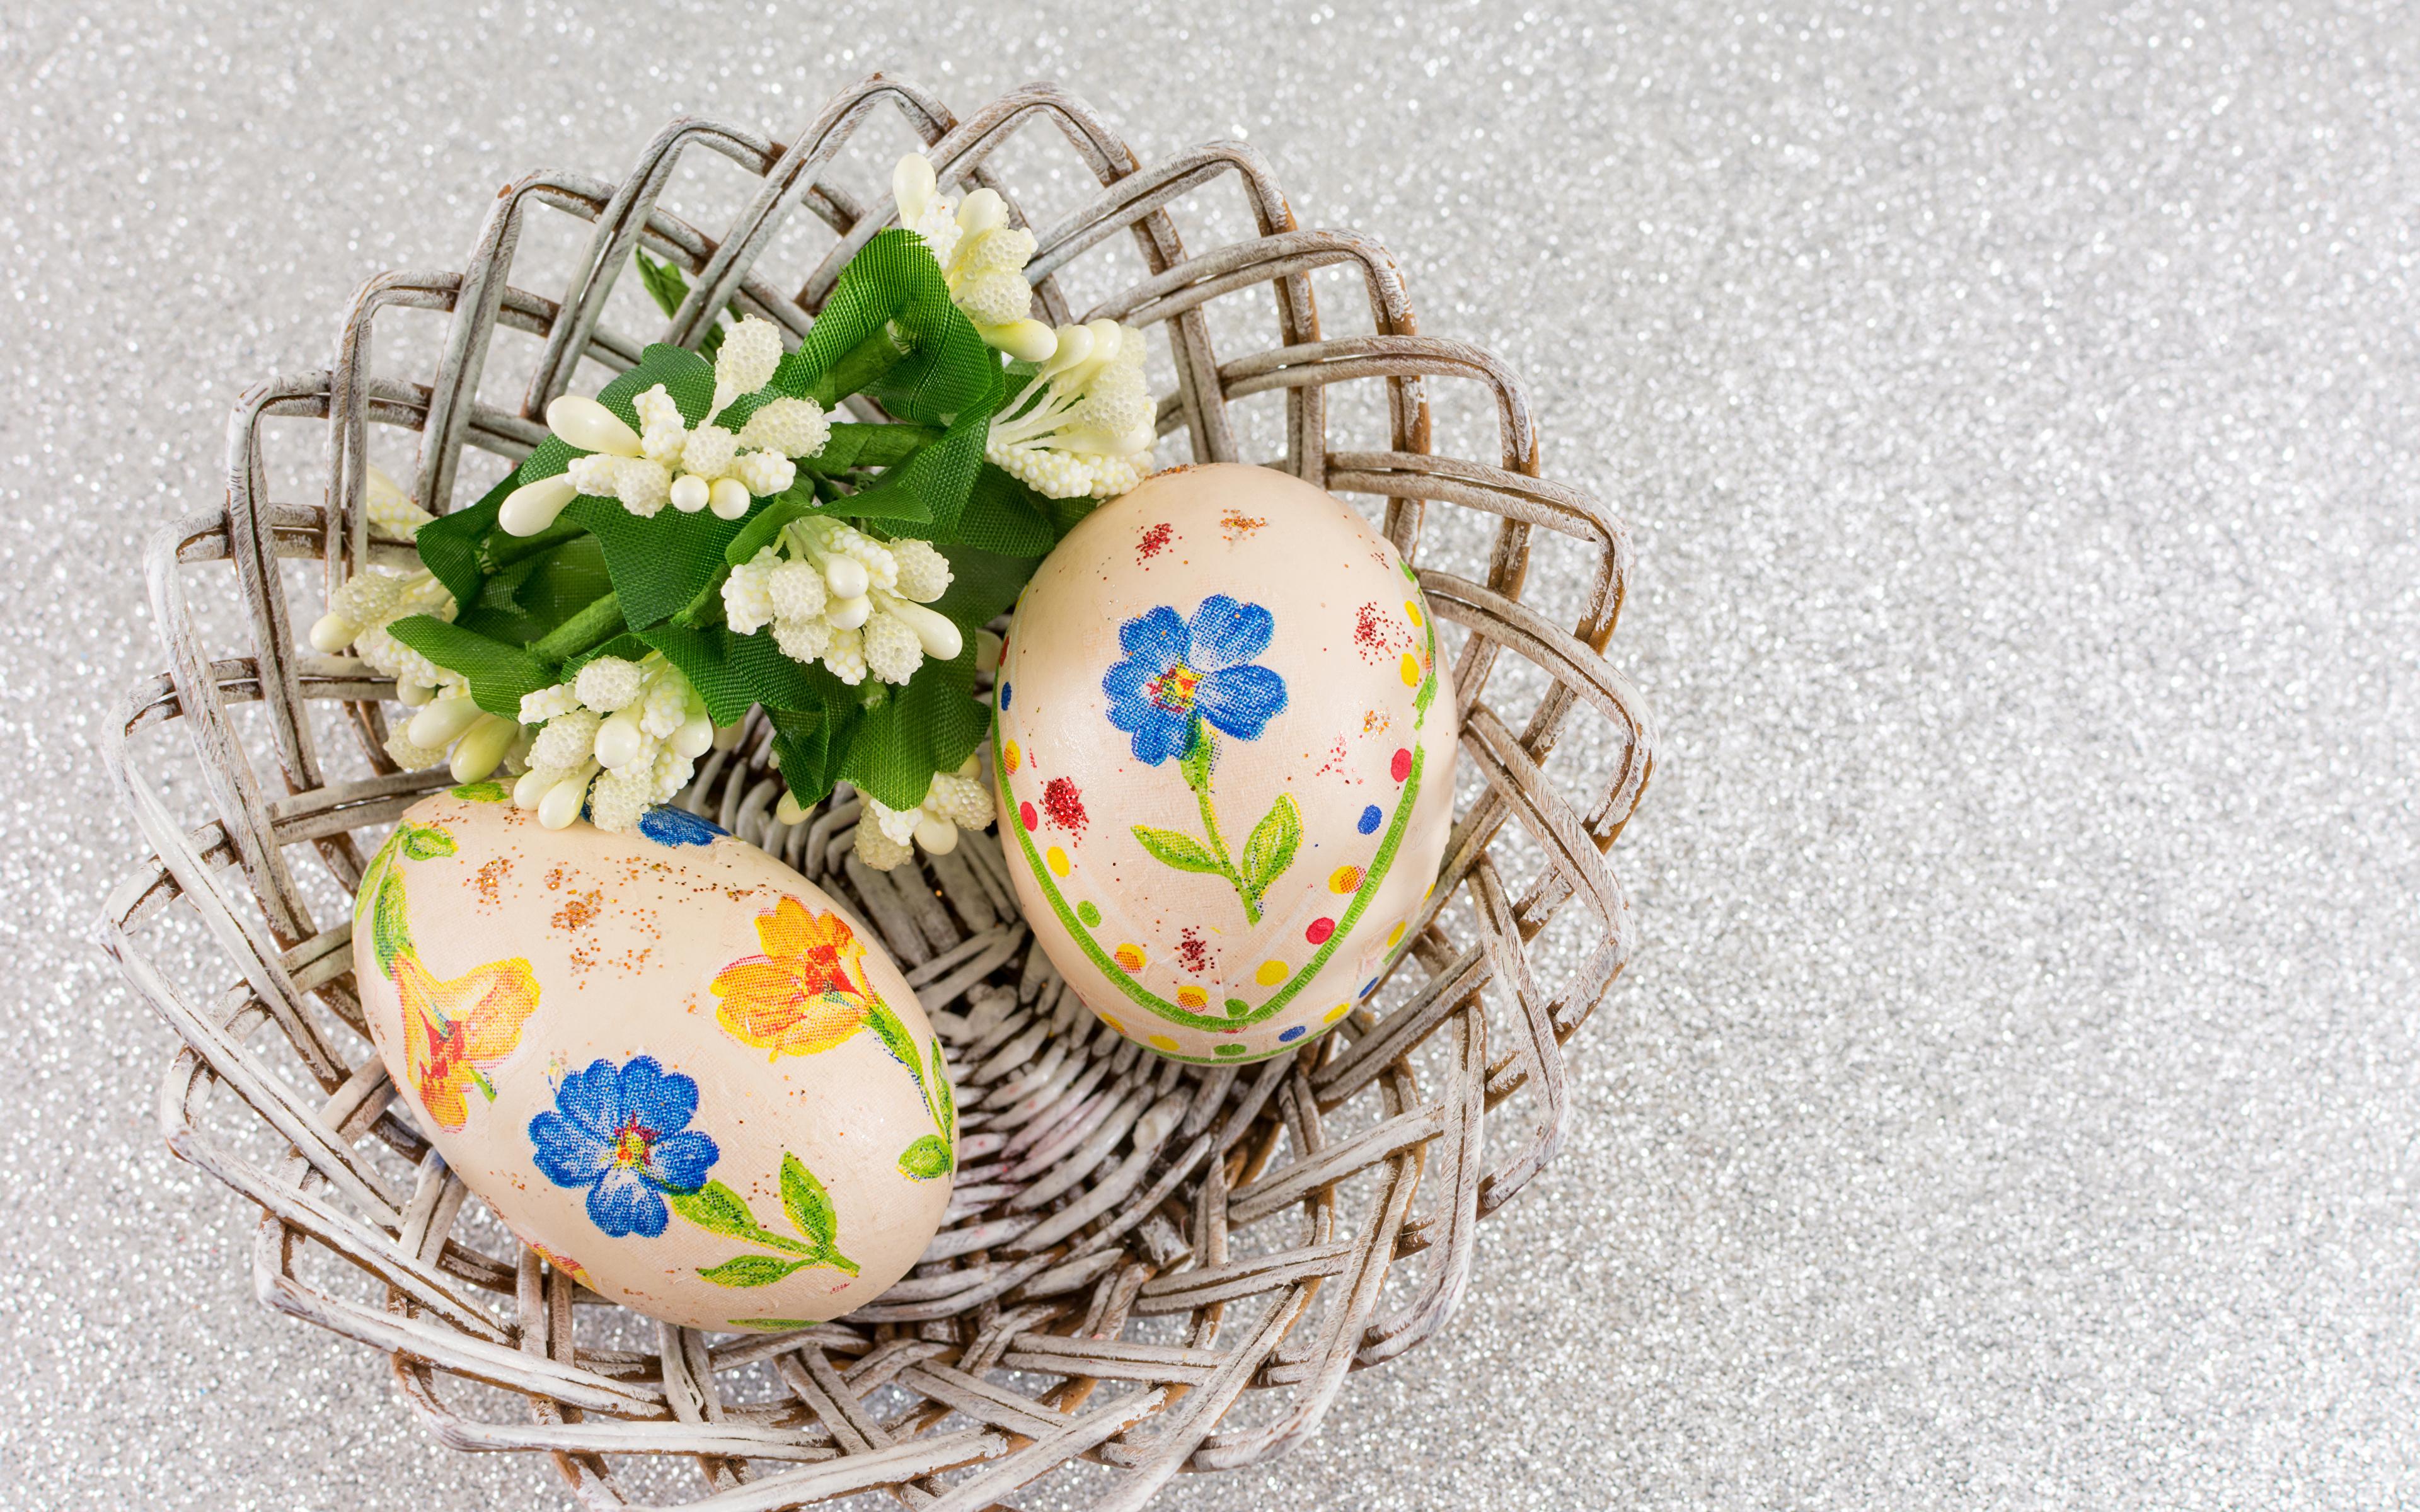 Фотографии Пасха яиц Двое Дизайн 3840x2400 яйцо Яйца яйцами 2 два две вдвоем дизайна